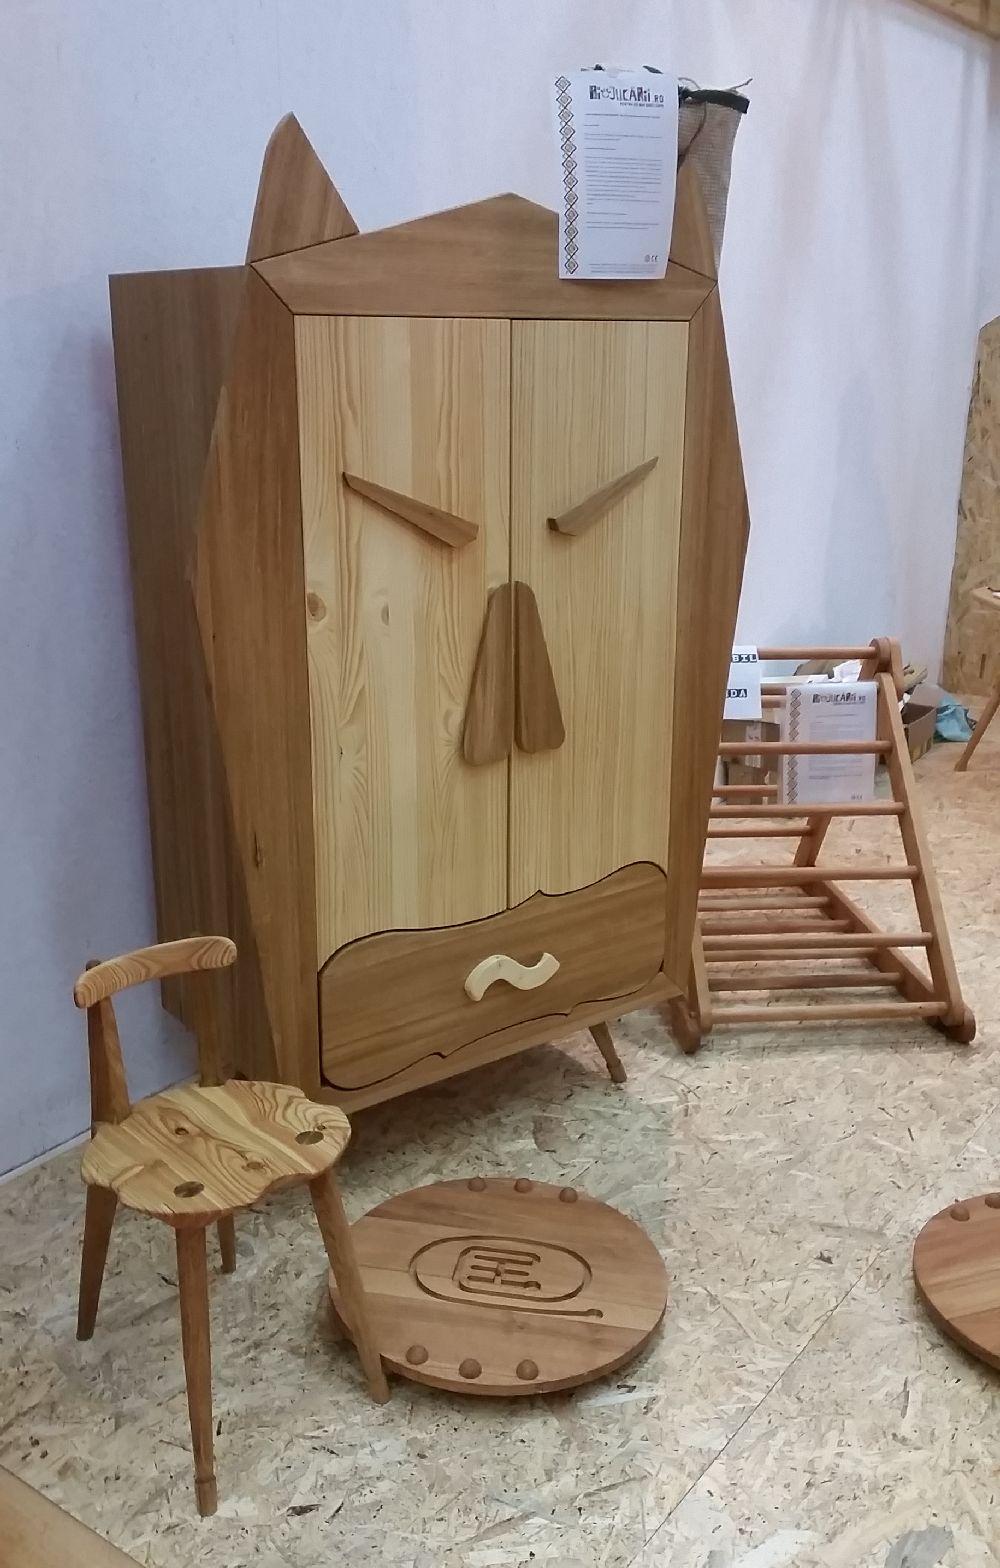 adelaparvu.com despre mobila, jucarii si parchet din lemn masiv, Biojucarii, Biomobila, Suceava (2)